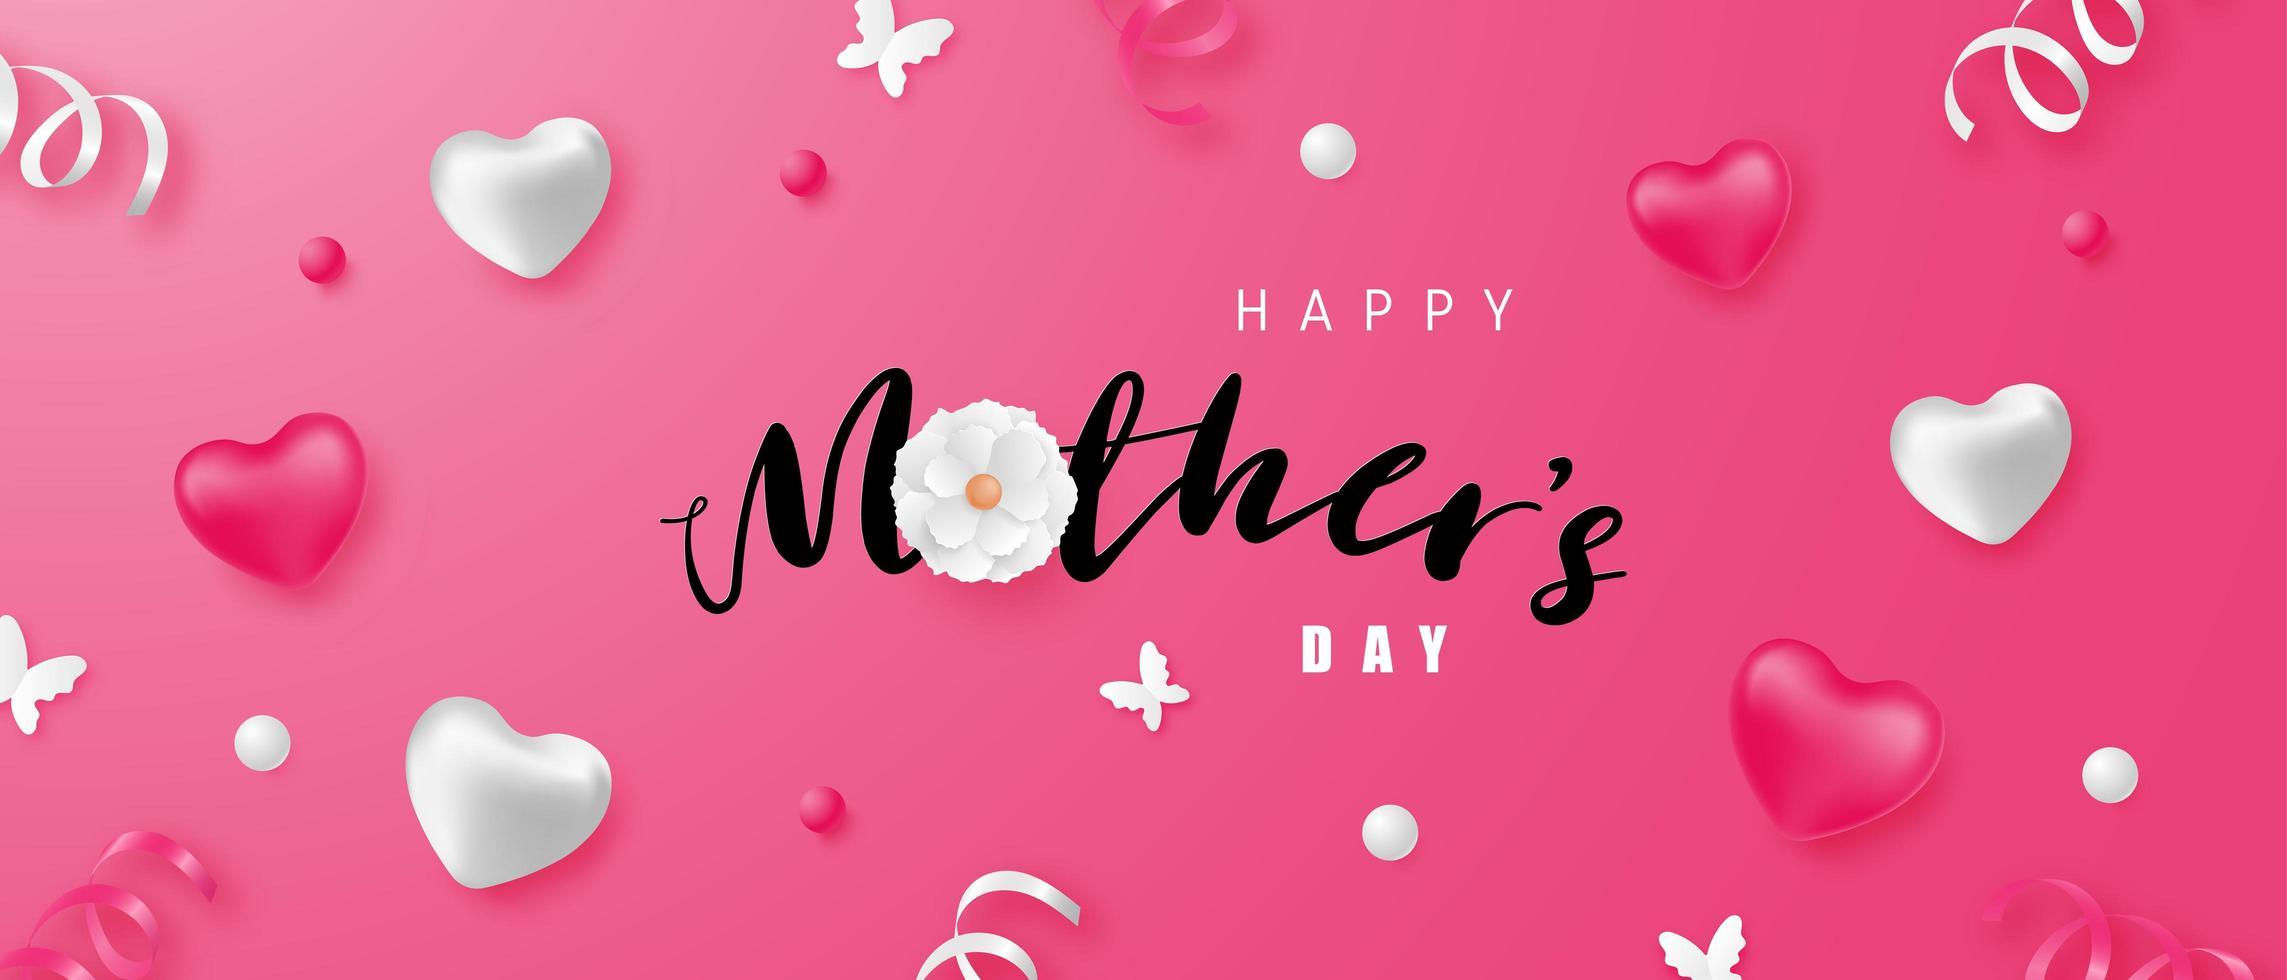 glücklicher Muttertagsbanner mit Herzen und Konfetti vektor